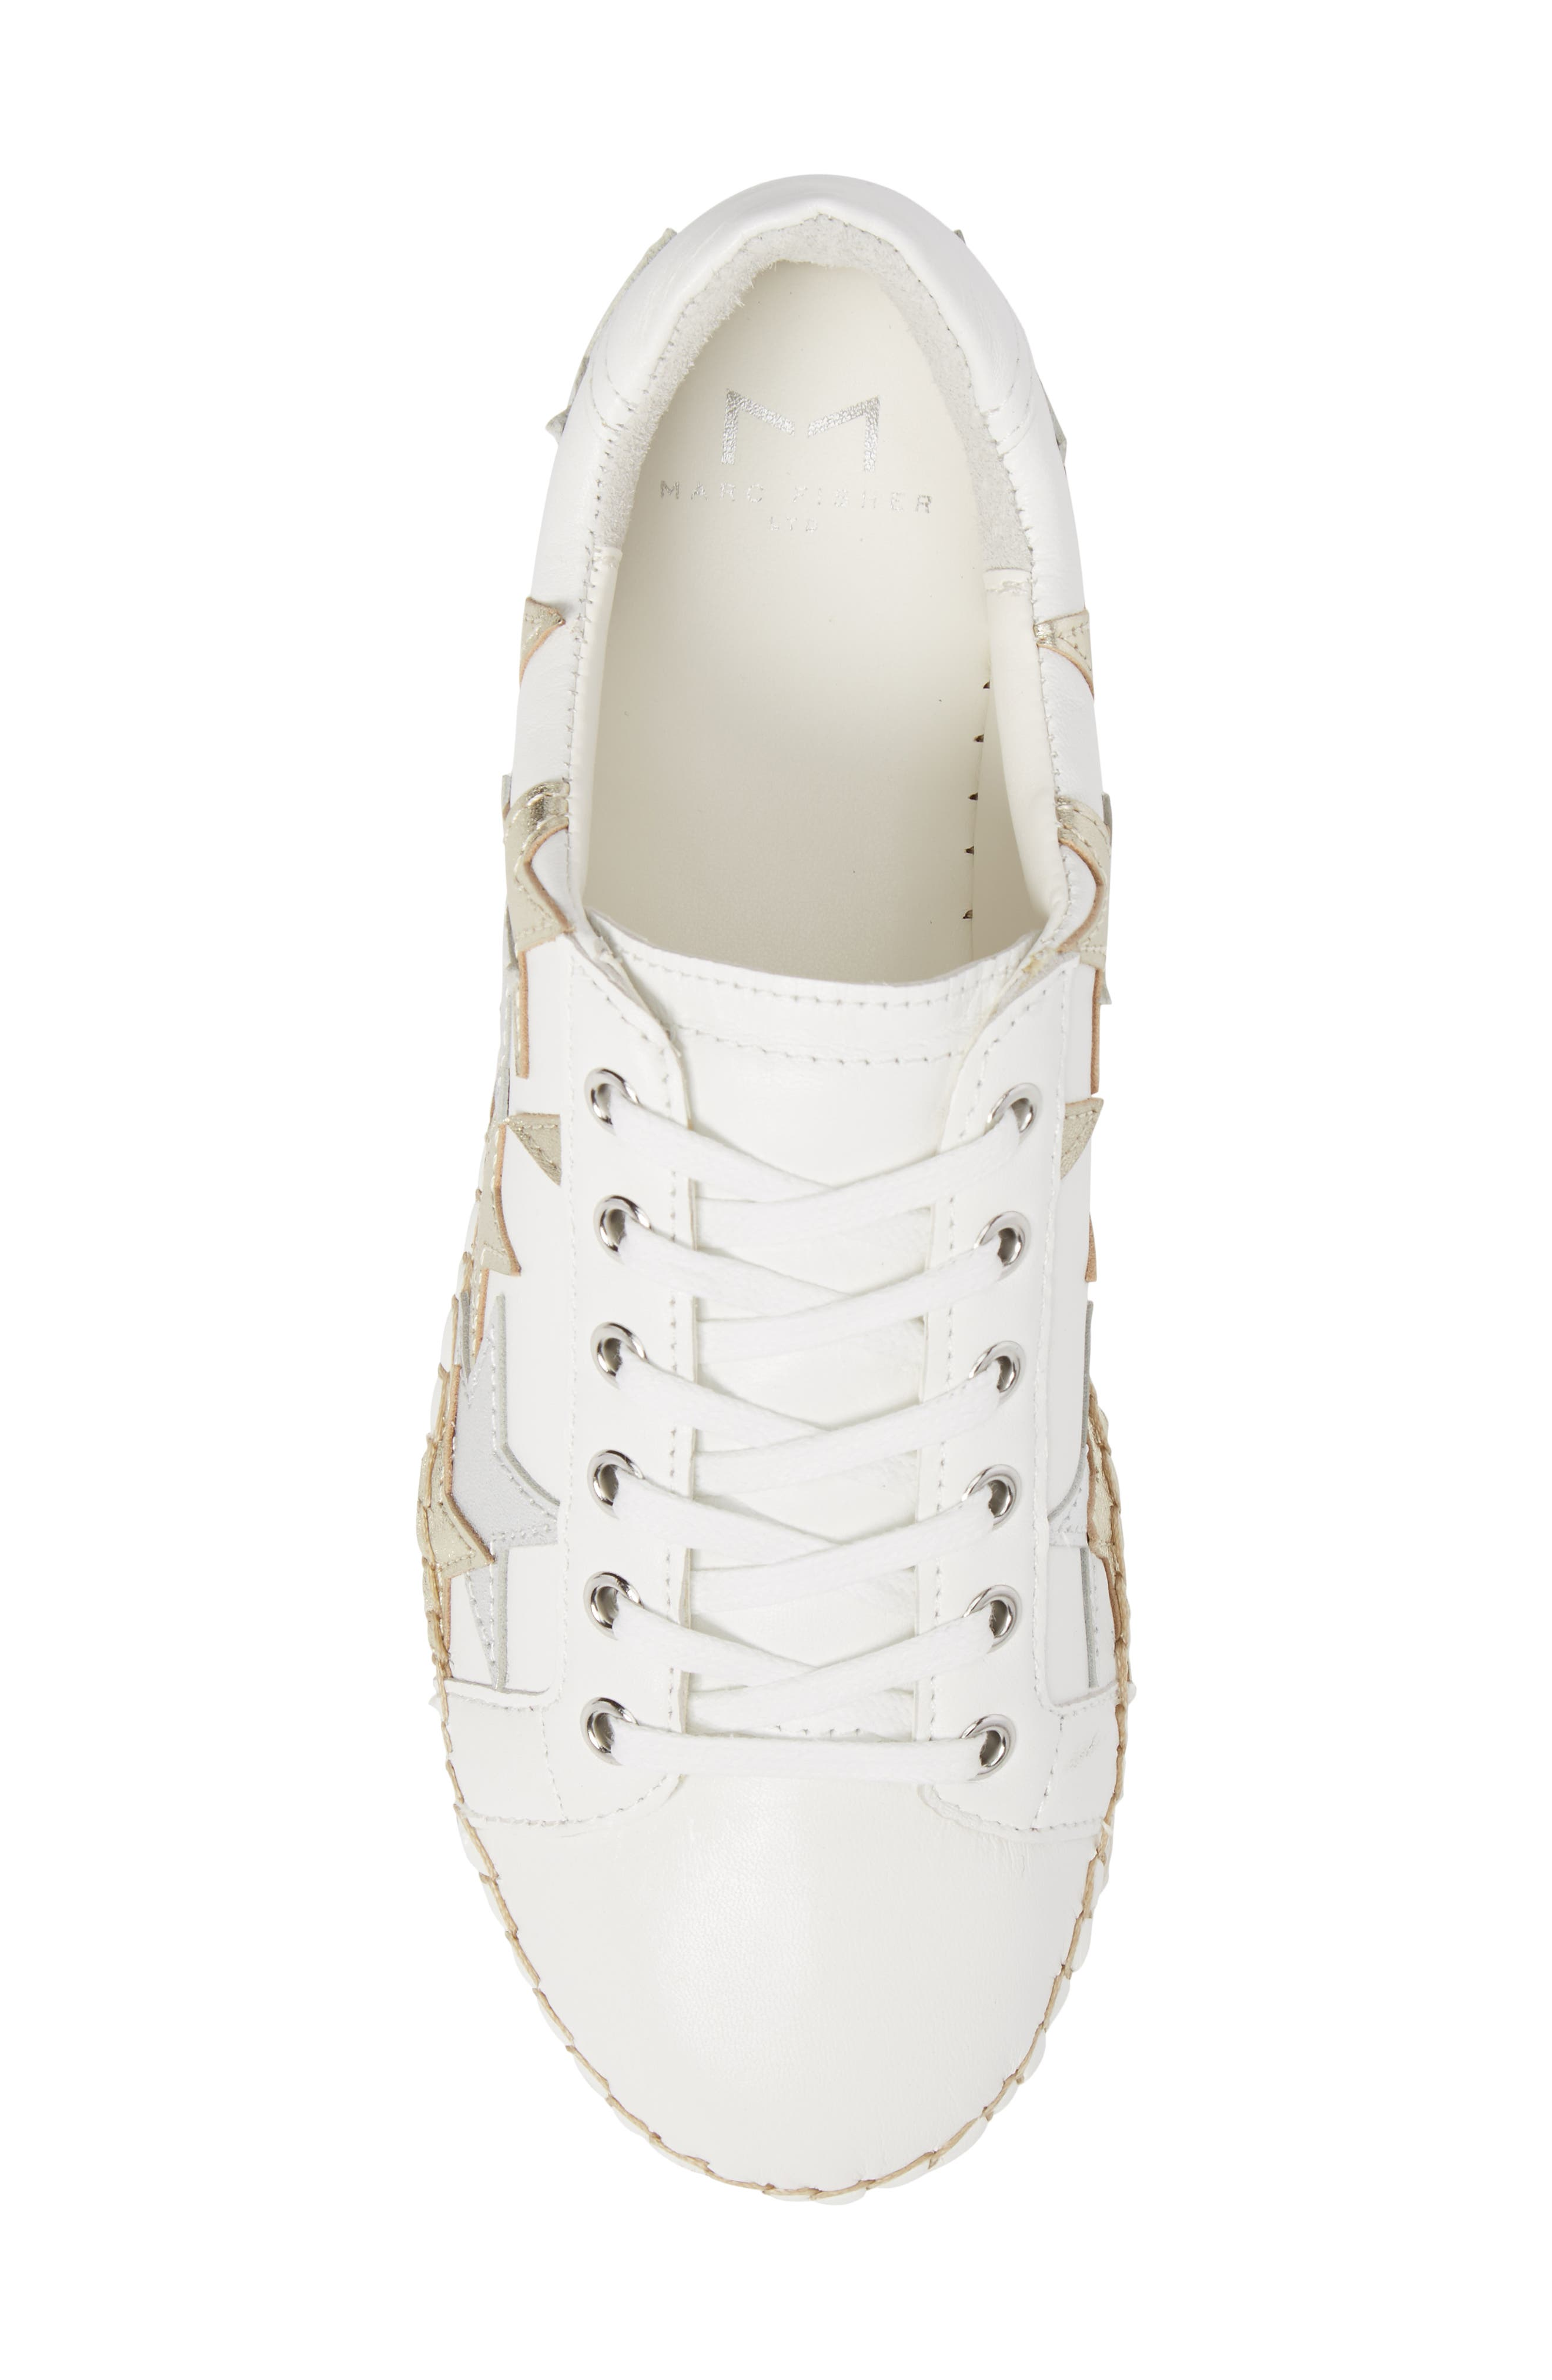 Maevel Espadrille Sneaker,                             Alternate thumbnail 14, color,